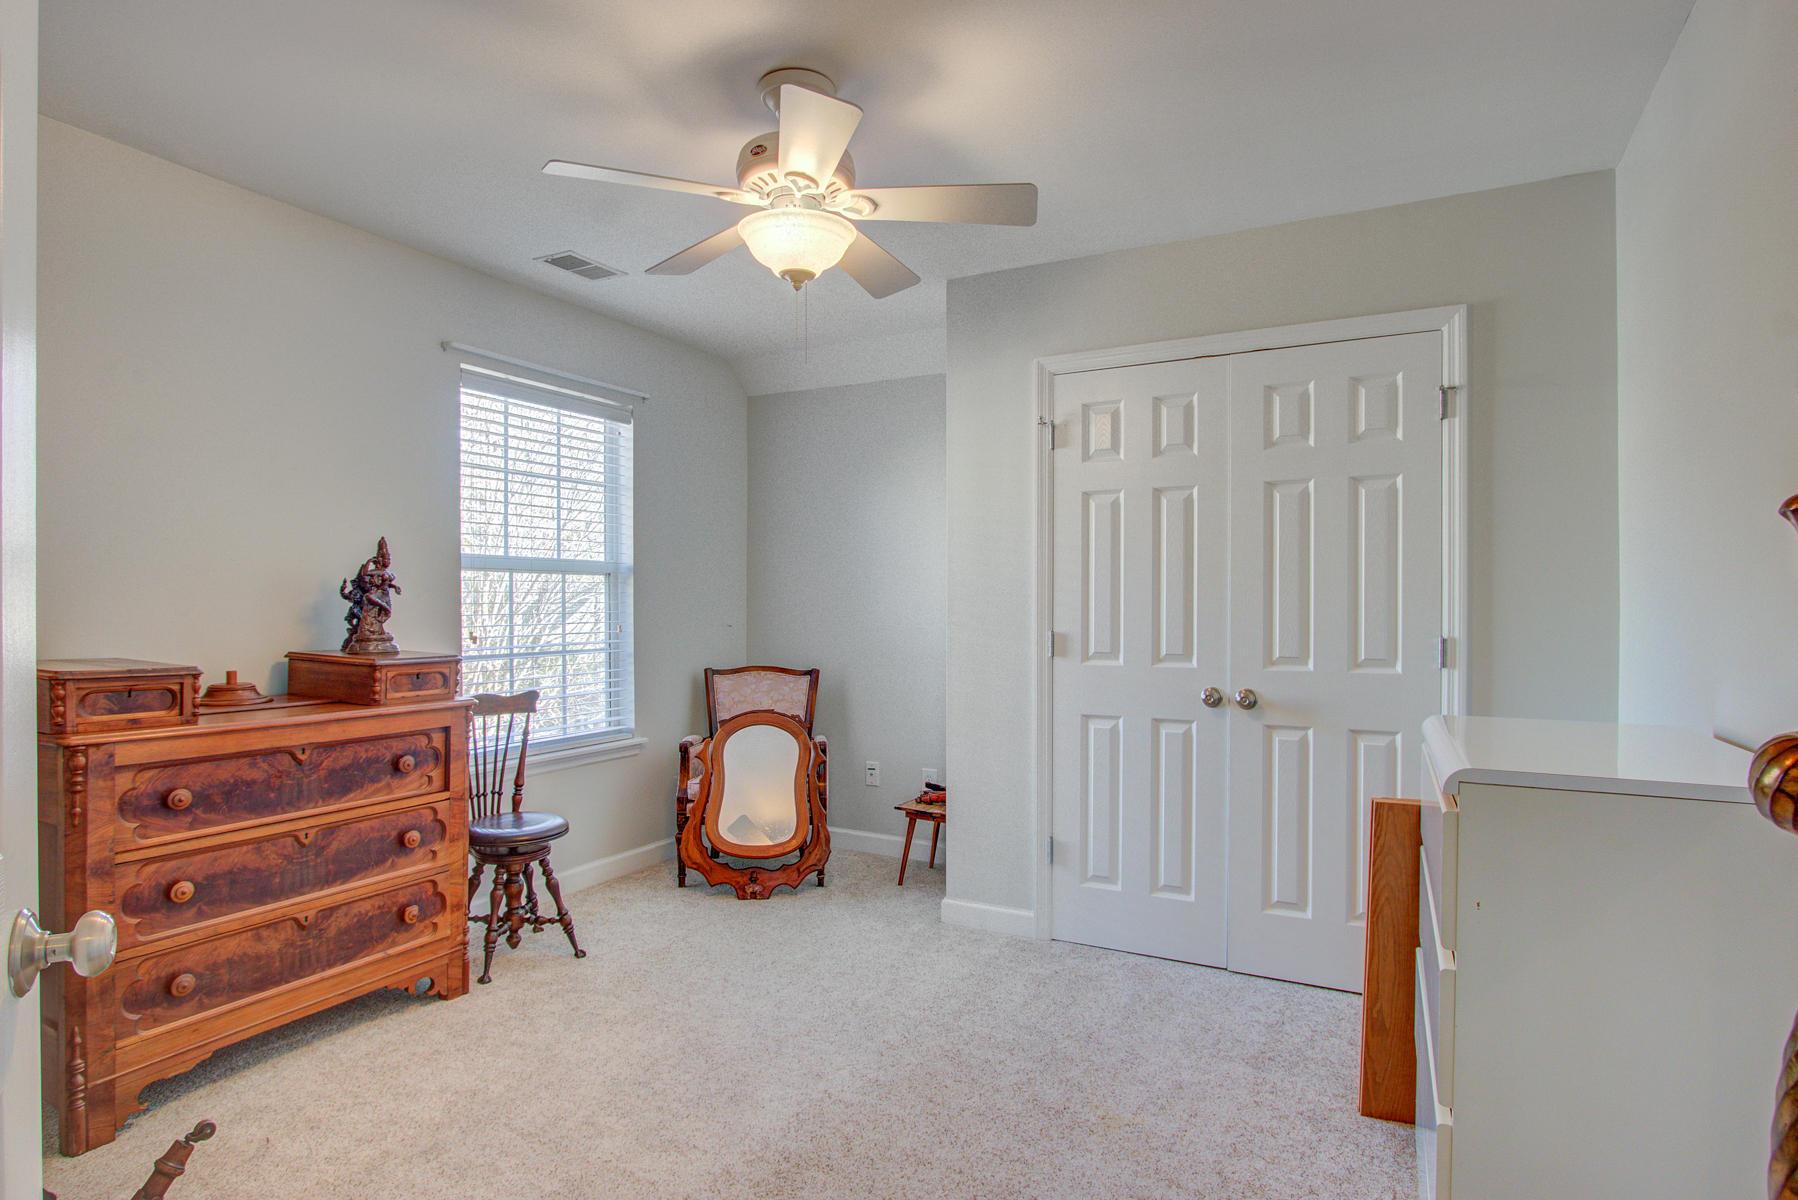 Dunes West Homes For Sale - 2104 Short Grass, Mount Pleasant, SC - 16